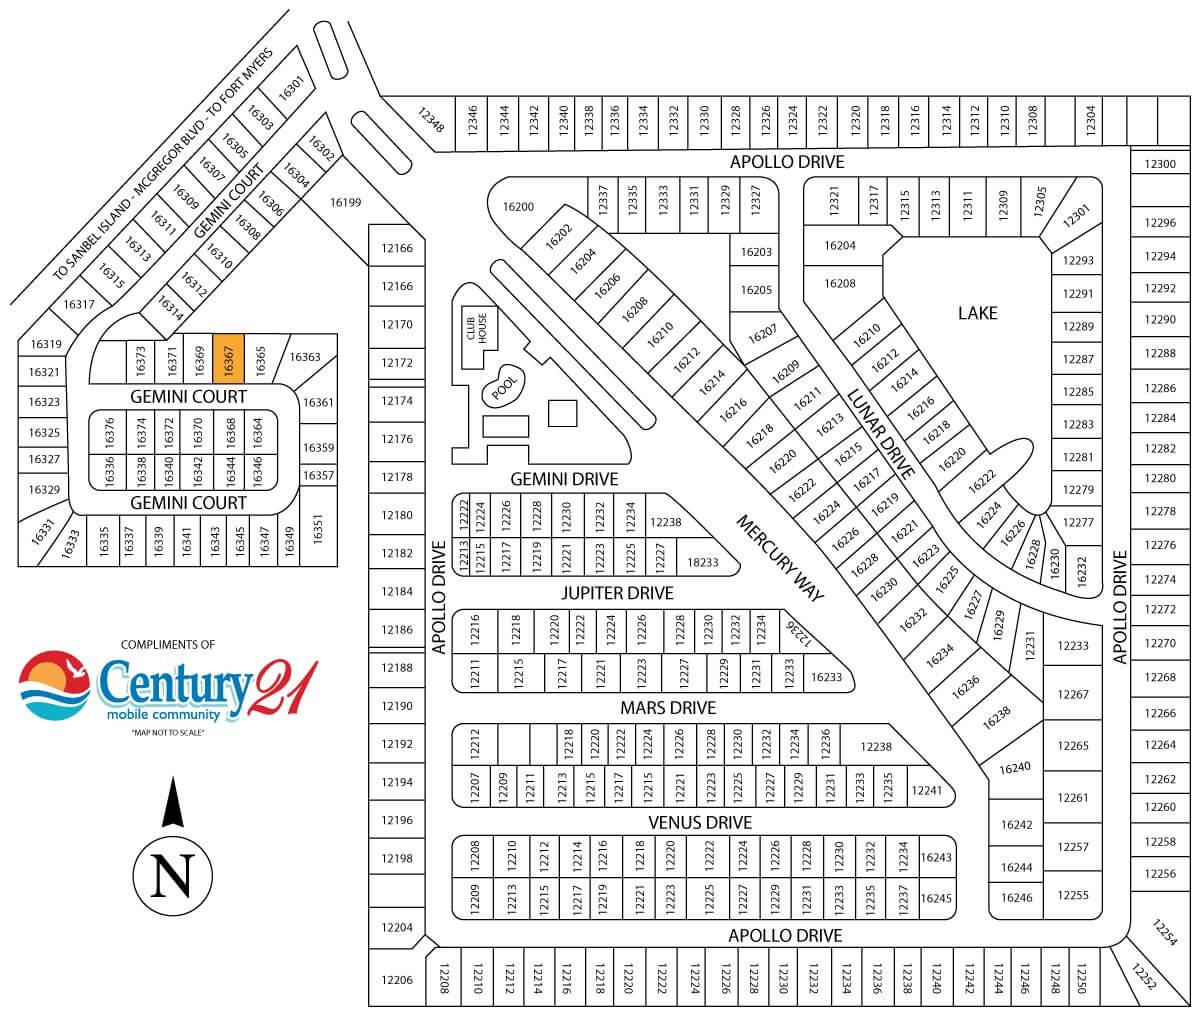 16325 Gemini Court Map